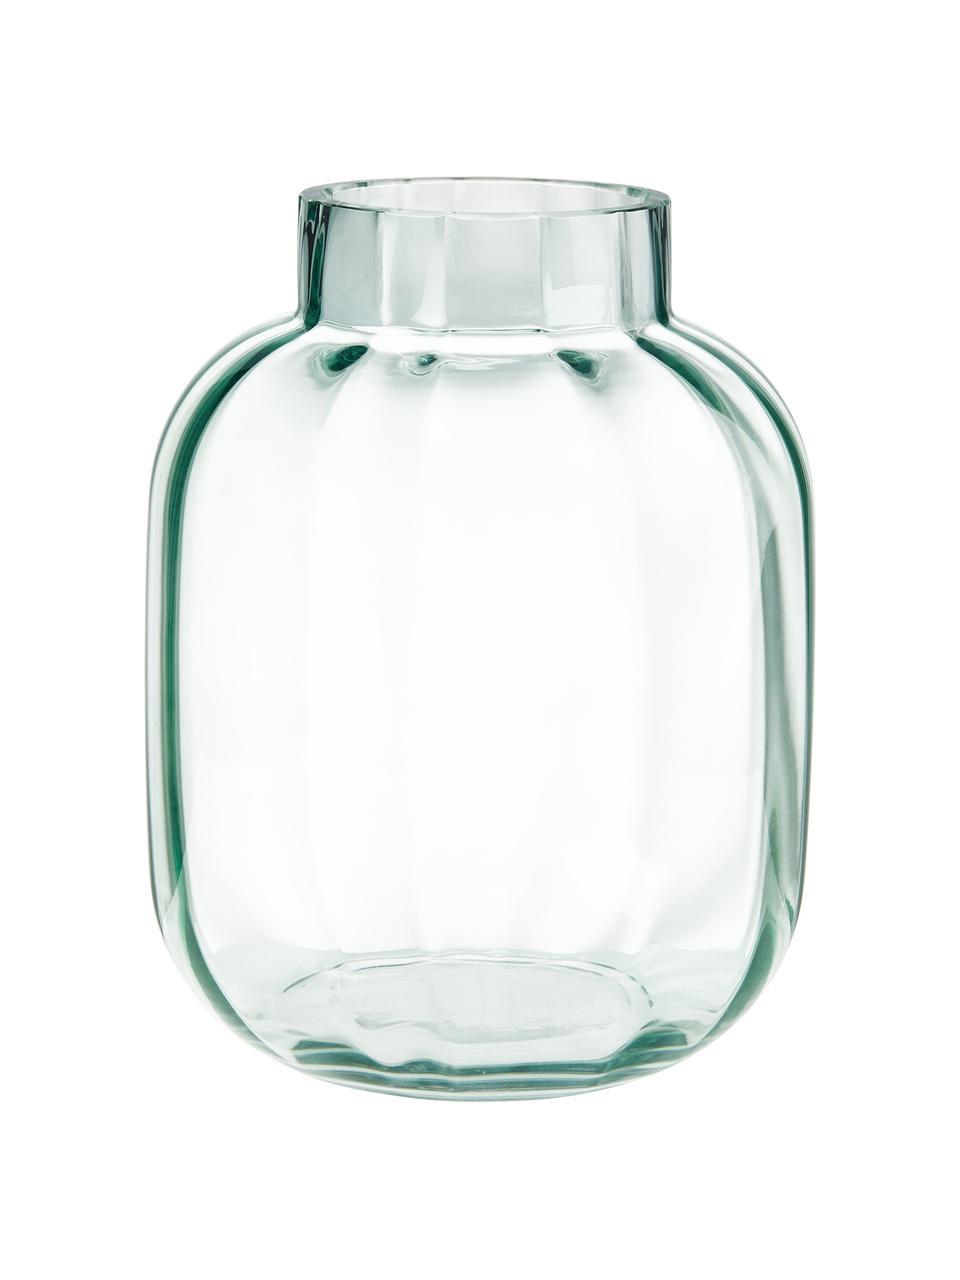 Glazen vaas Betty in lichtgroen, Glas, Lichtgroen, transparant, Ø 18 cm